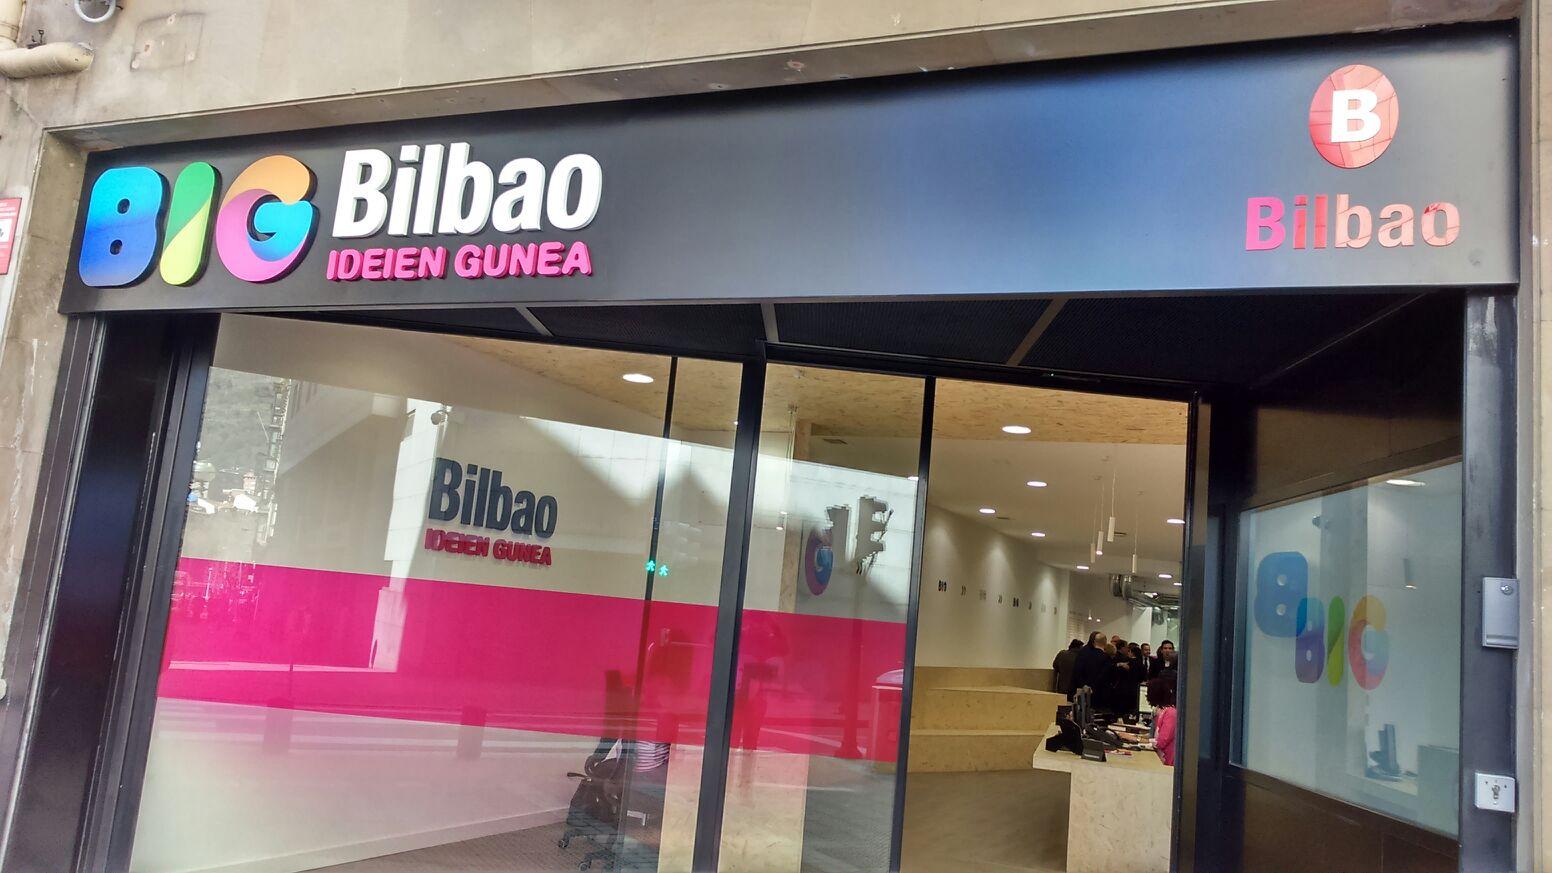 """Colon de Larreategi kalean """"BIG Bilbao"""" ekintzailetza bultzatzeko zentro barria zabaldu dabe gaur @bilbao_udala https://t.co/Ir1zKaUZRq"""